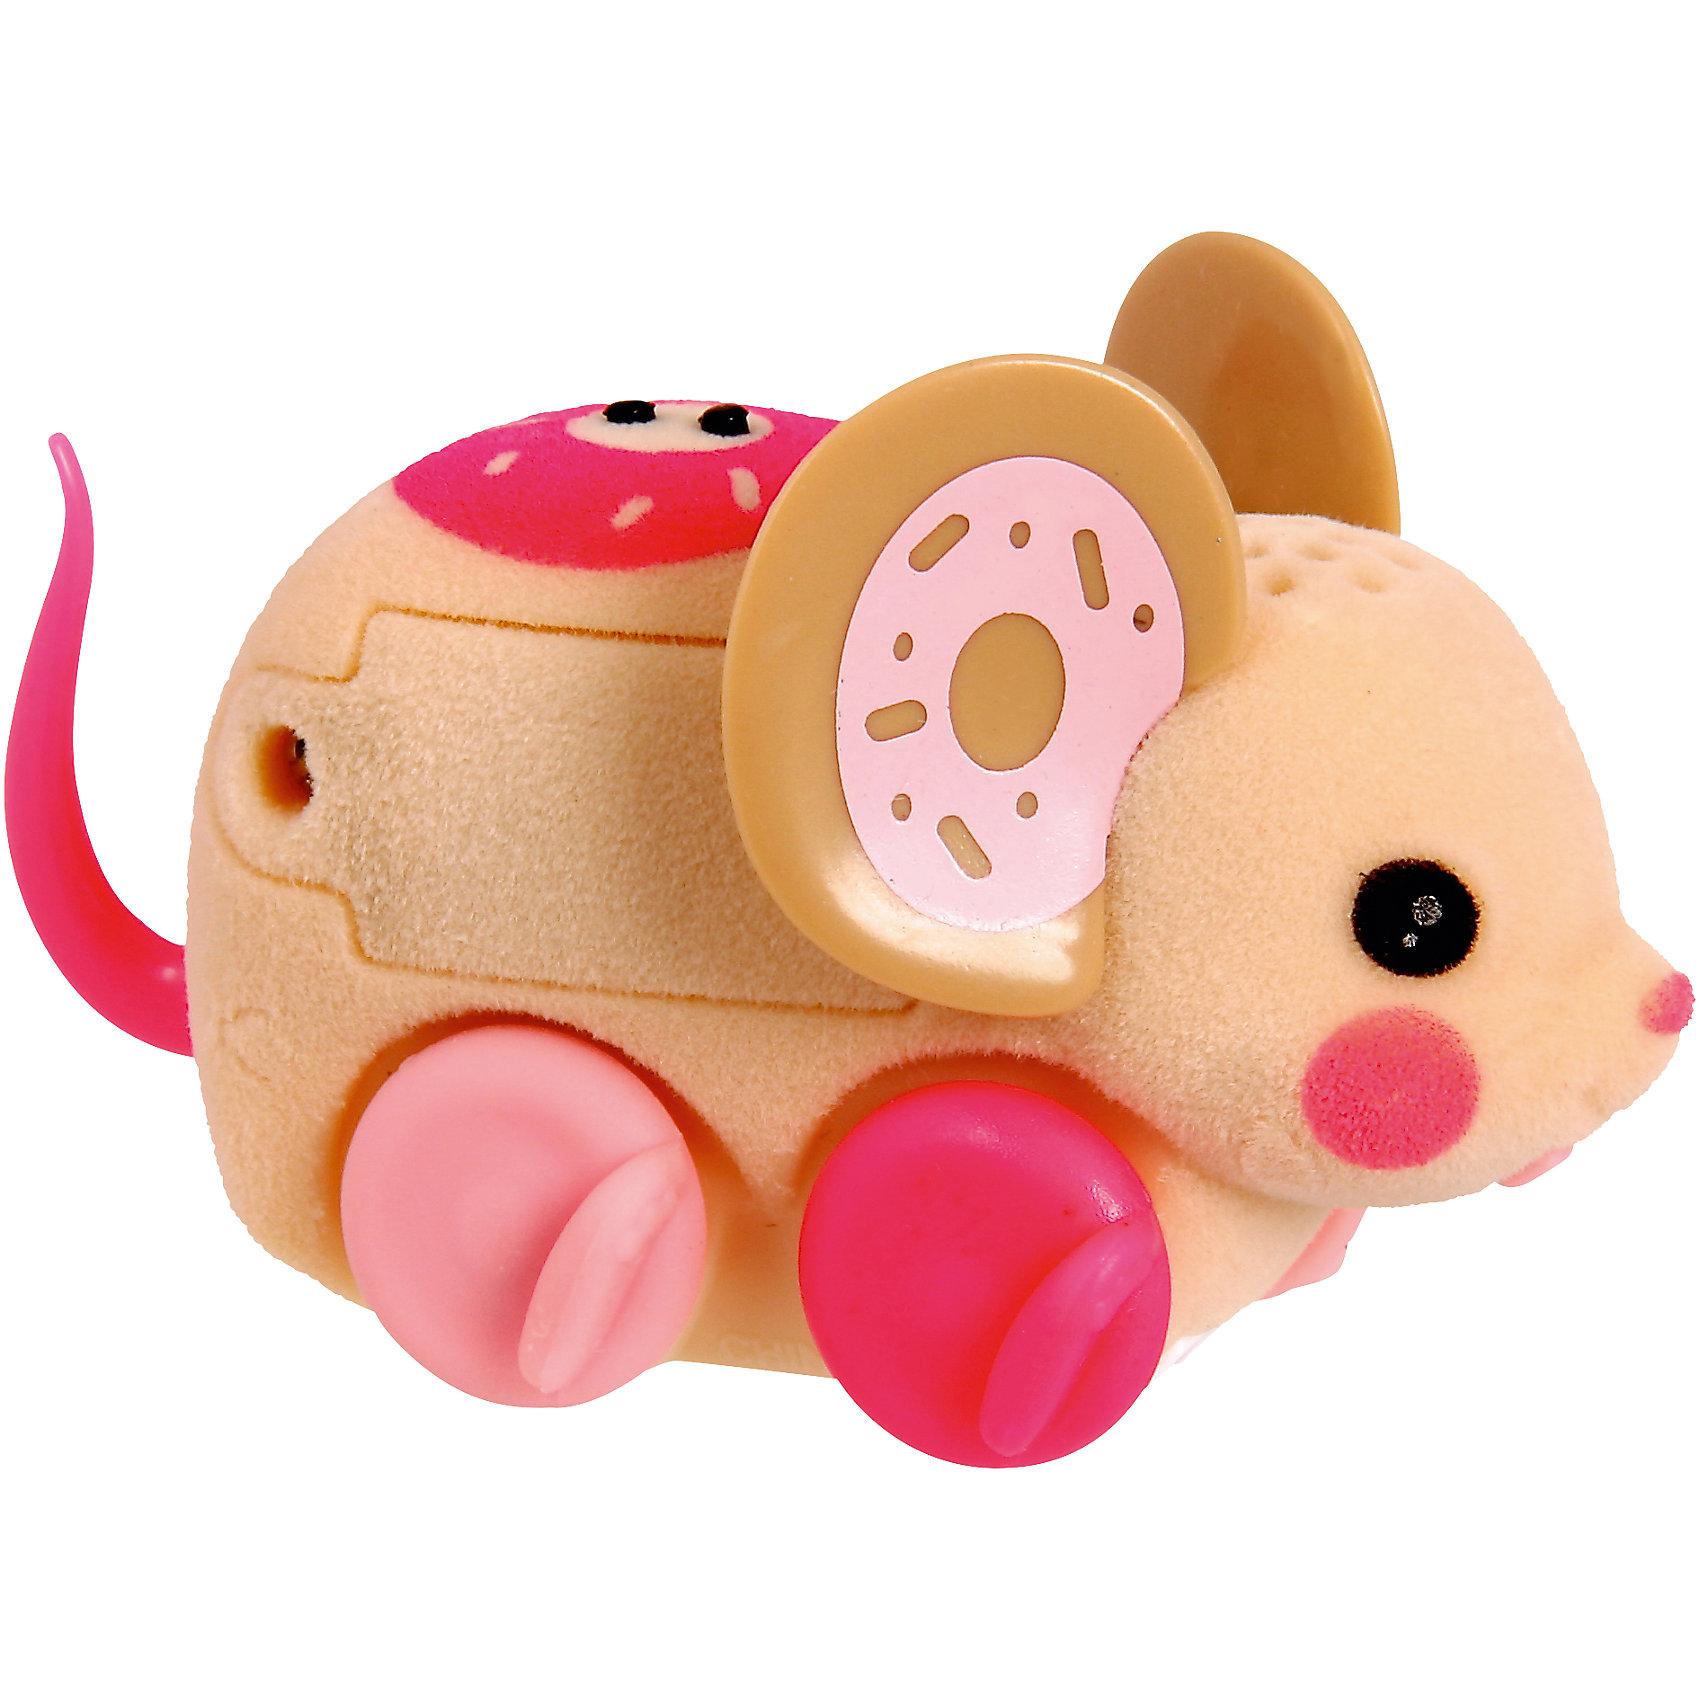 Интерактивная мышка Little Live Pets, бежевая, MooseИнтерактивные животные<br>Интерактивная мышка Little Live Pets, Moose мягкая, как настоящая мышка. Она умеет быстро двигаться и крутиться. Сенсор на спине позволяет включить игрушку с помощью поглаживания, если мышка заснула. Кнопка включения расположена в области ротика. Такая замечательная мышка обязательно вызовет интерес у малыша!<br><br>Дополнительная информация:<br>Материал: пластик, флок<br>Цвет: бежевый<br>Батарейки: AG13 (LR44) (входят в комплект)<br><br>Интерактивную мышку Little Live Pets, Moose вы можете приобрести в нашем интернет-магазине.<br><br>Ширина мм: 224<br>Глубина мм: 159<br>Высота мм: 53<br>Вес г: 80<br>Возраст от месяцев: 60<br>Возраст до месяцев: 108<br>Пол: Женский<br>Возраст: Детский<br>SKU: 4898561